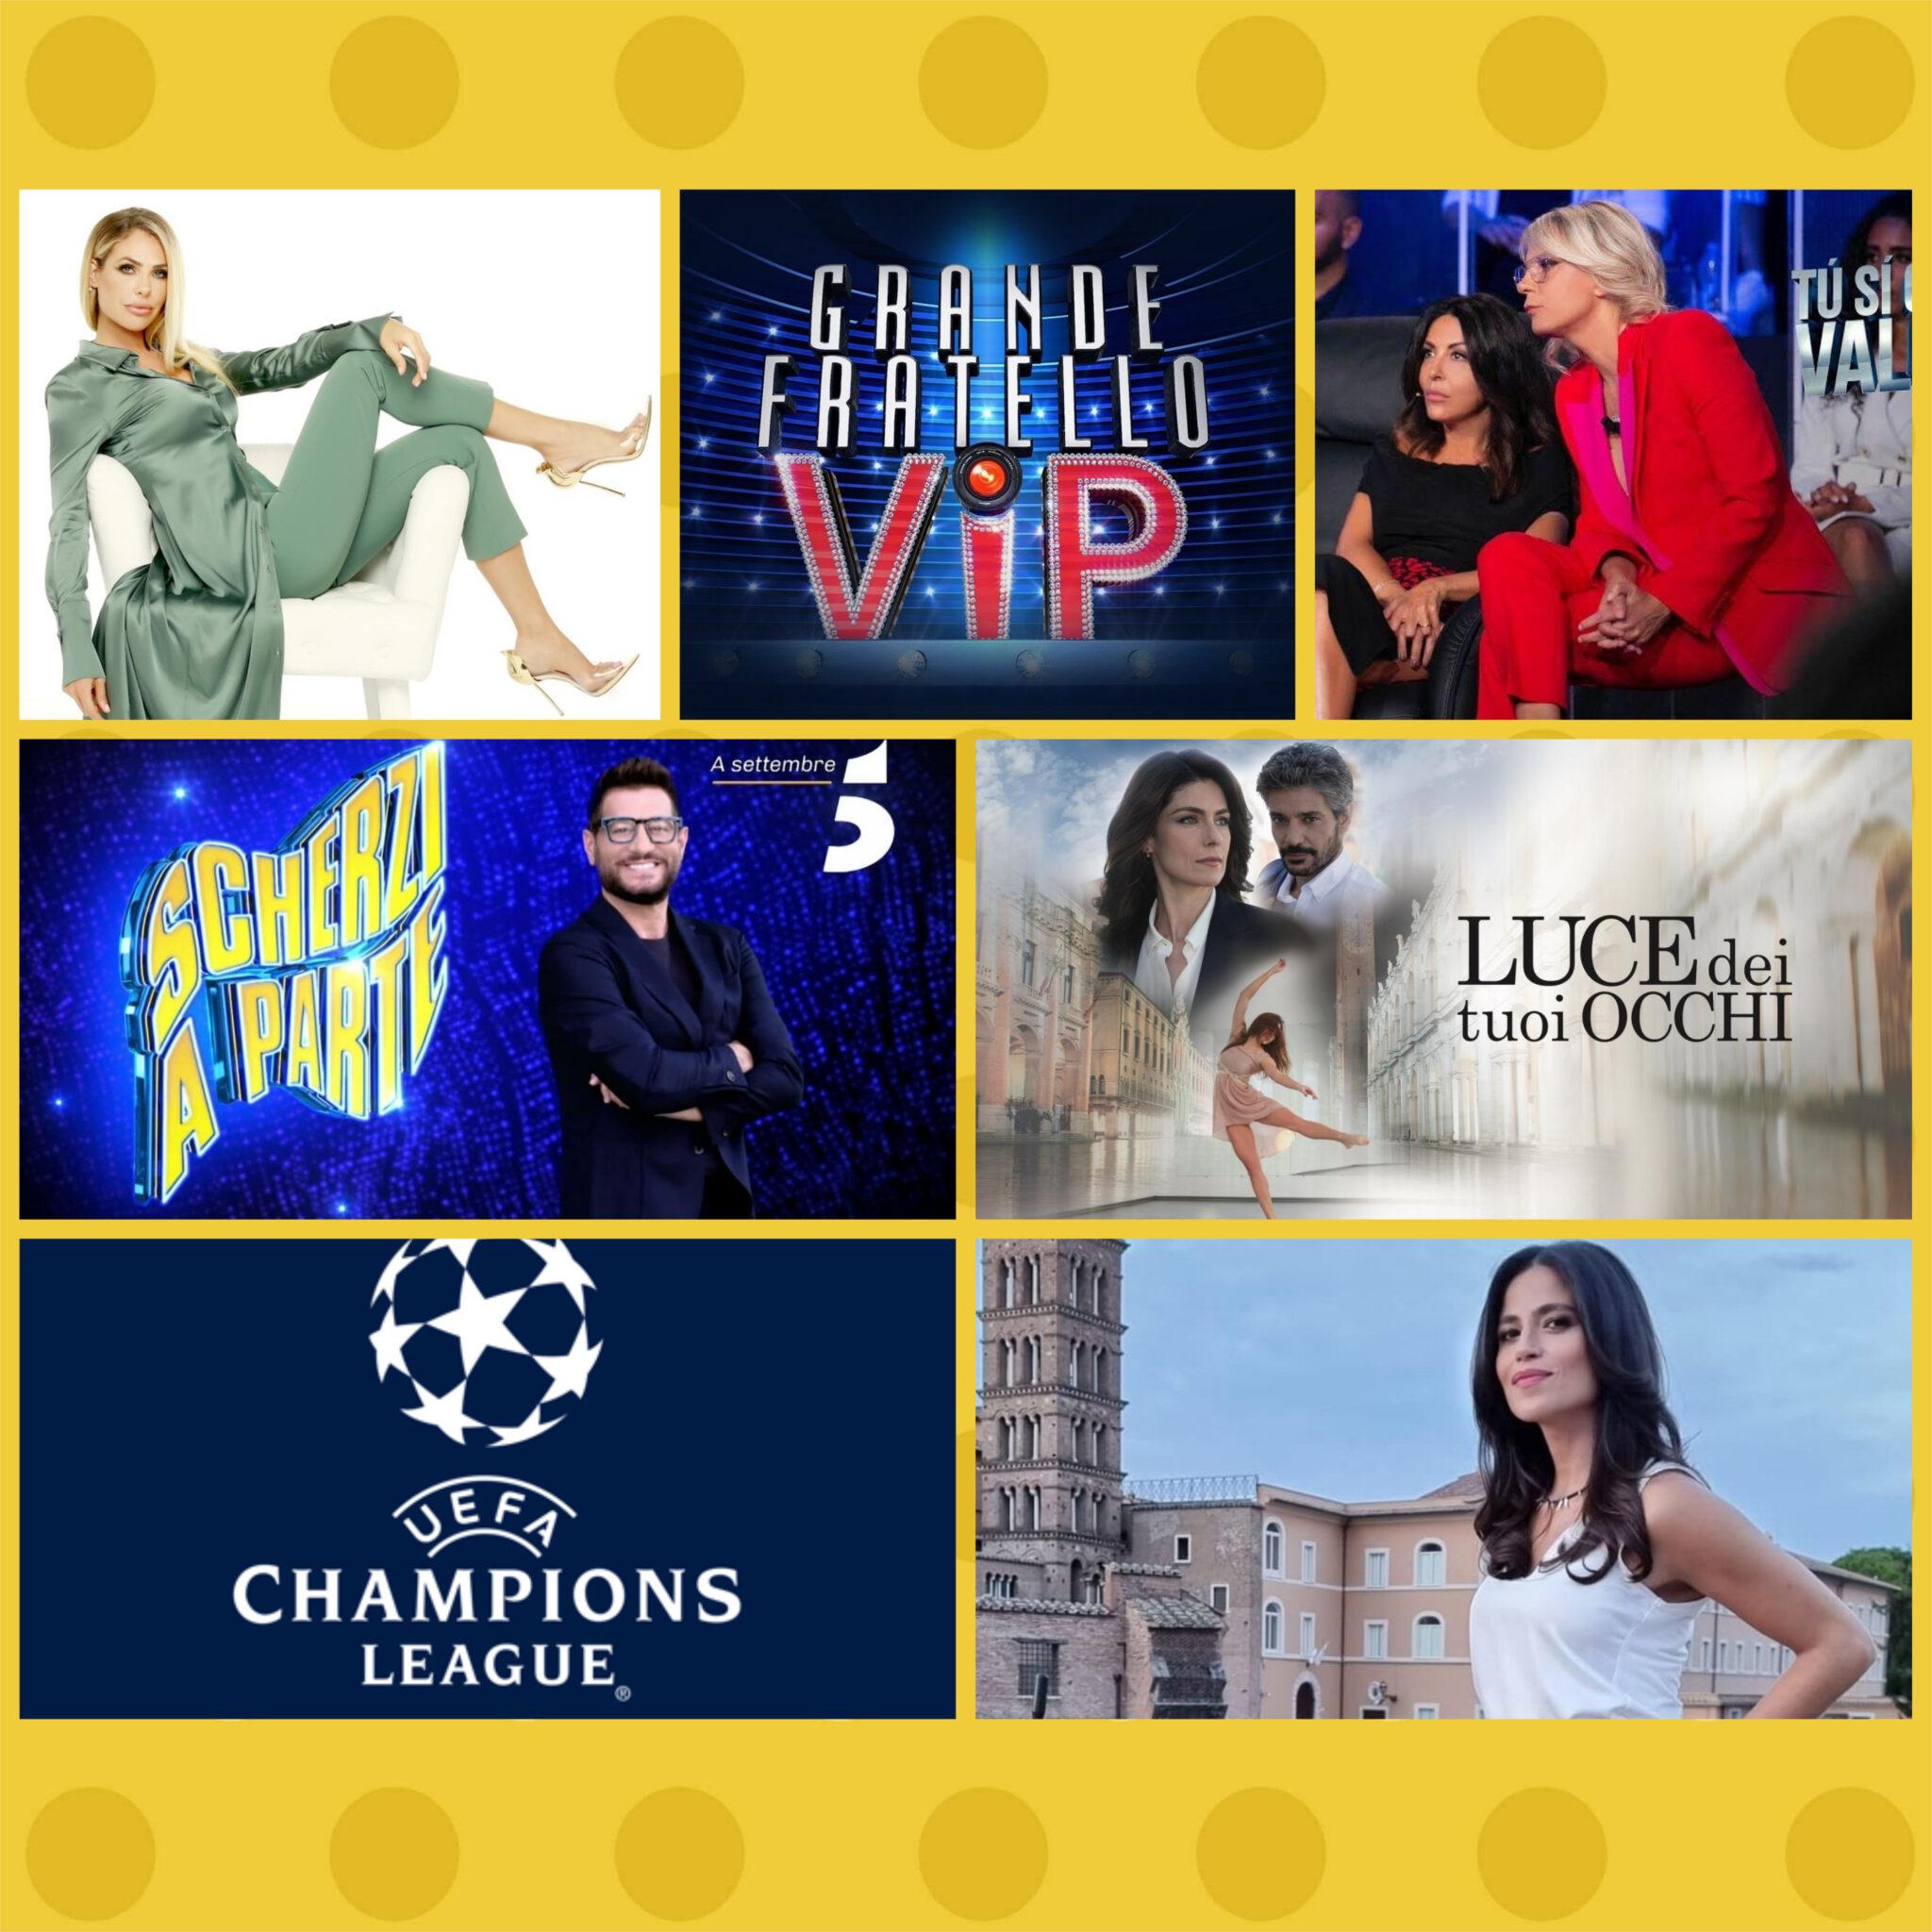 Programmazione 12 - 18 settembre 2021 Rai e Mediaset: Partono Scherzi a parte, il GFVip, Luce dei miei occhi, Star in the star, Tu si que vales